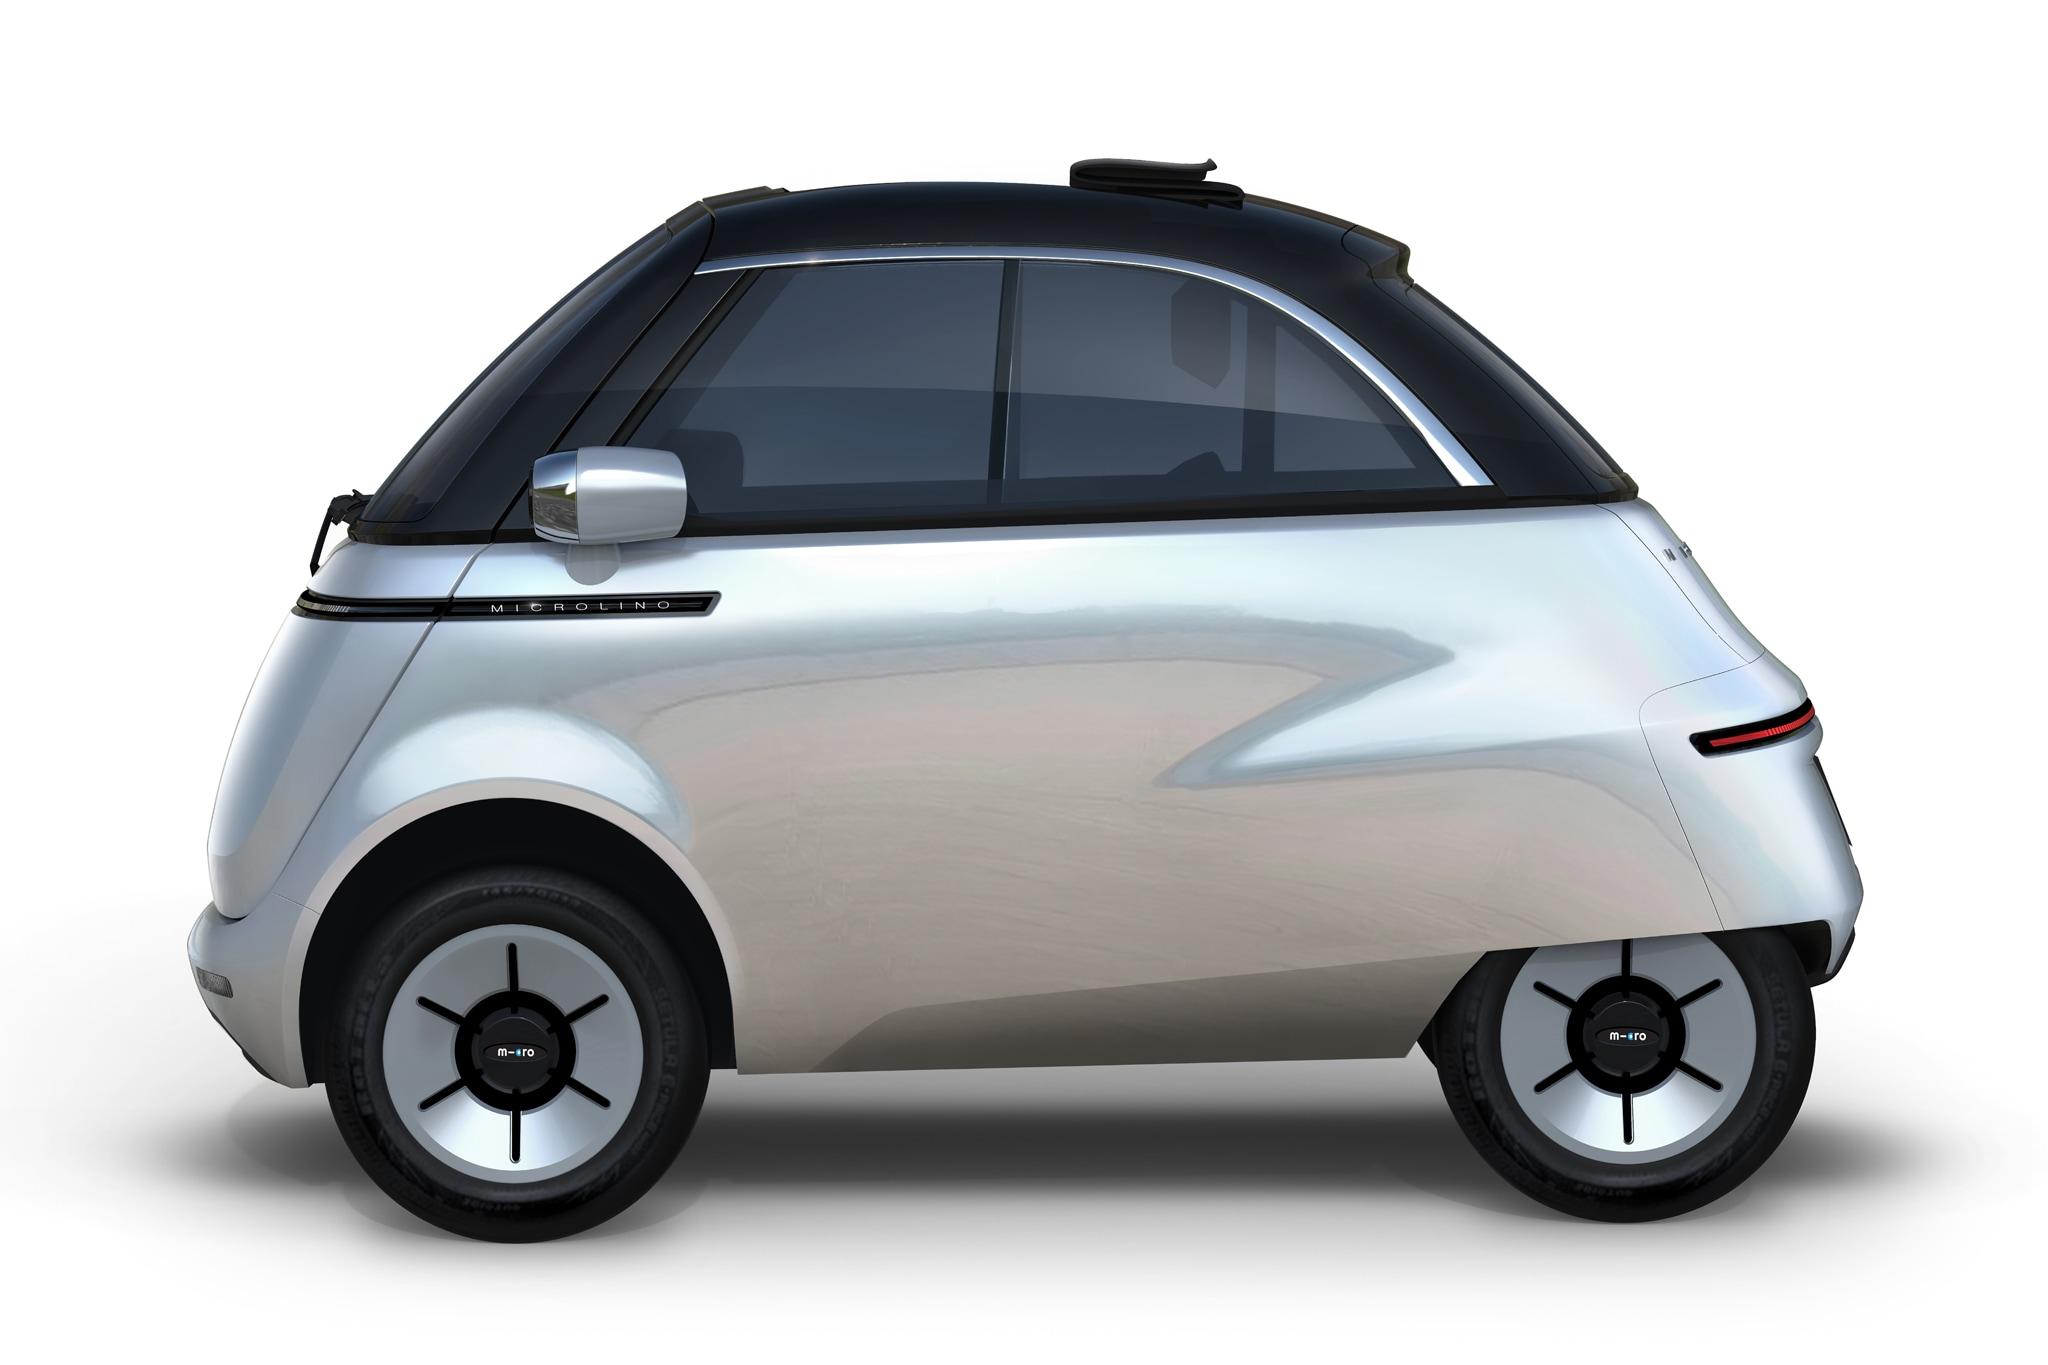 Mini car elettrica biposto, con batteria da 125 o 200 km, velocità 90 km/h, MICROLINO (da12.000 €).